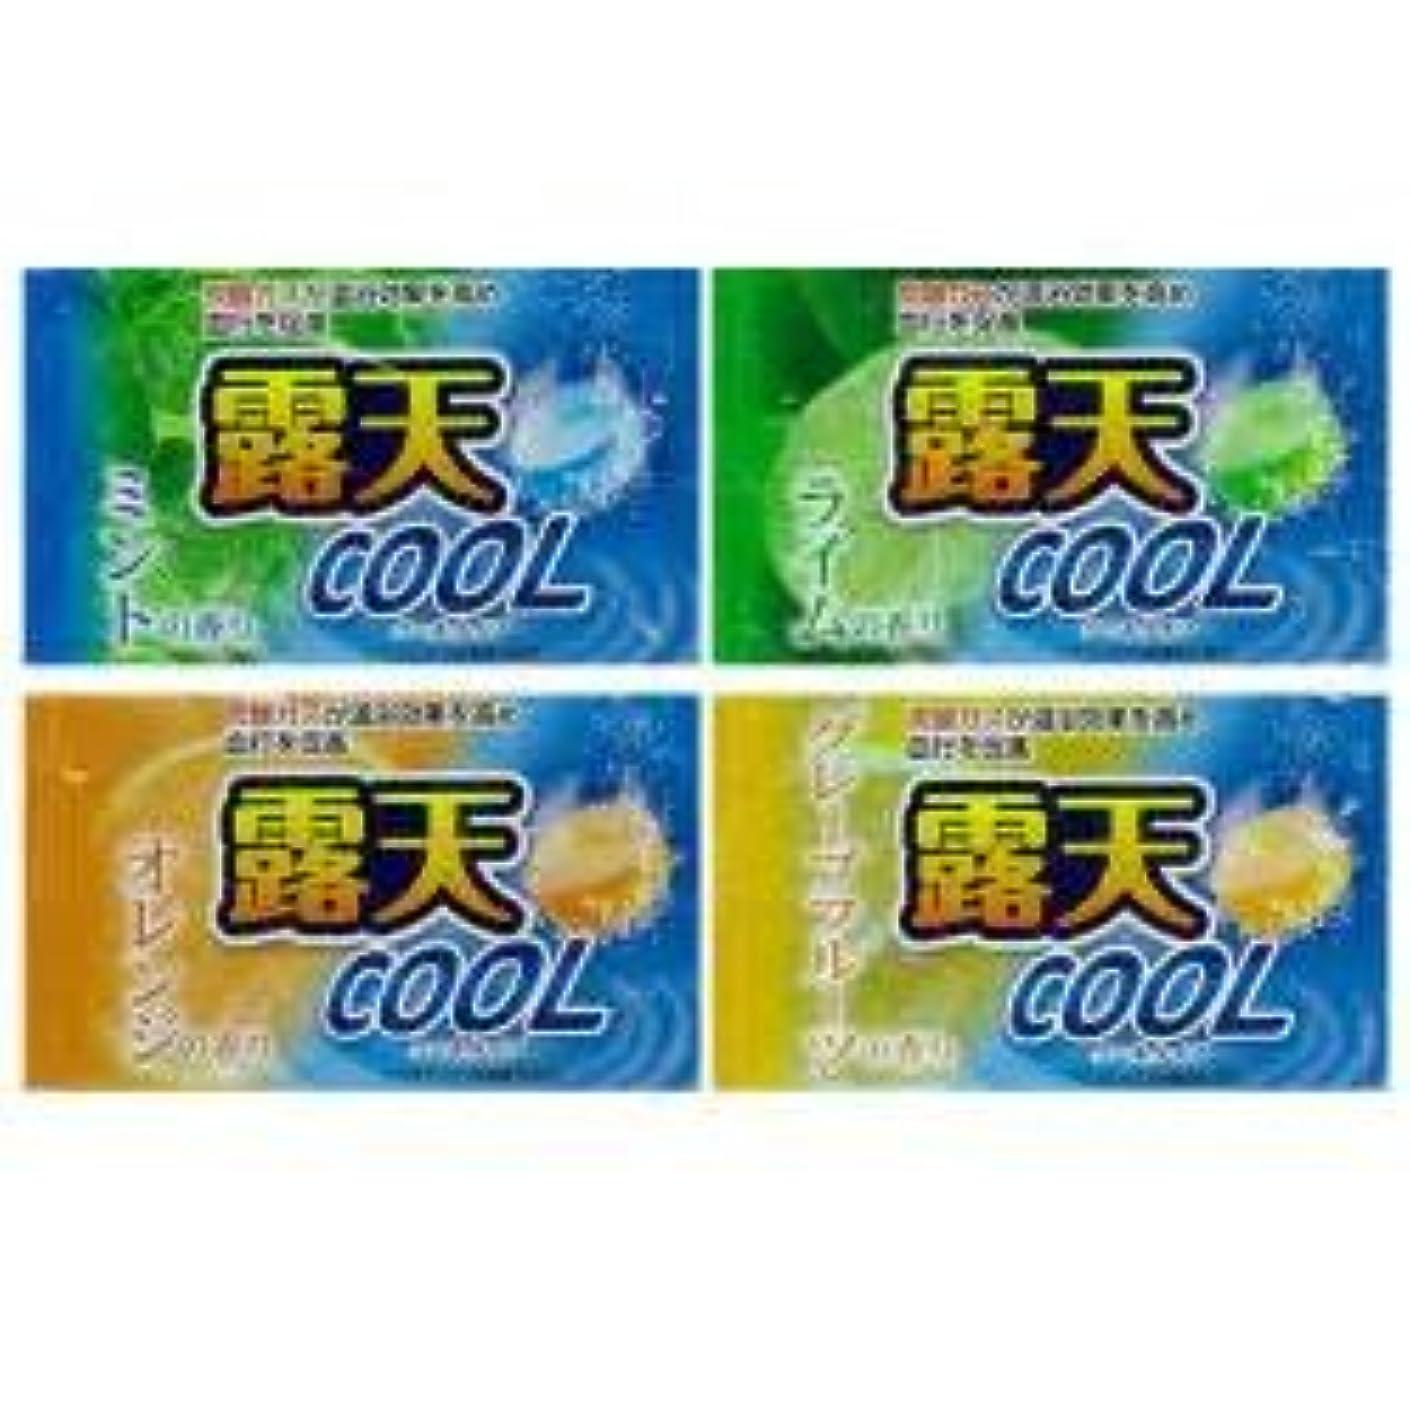 アルバニー地域電球薬用発泡入浴剤 露天クール 4種×3 12個